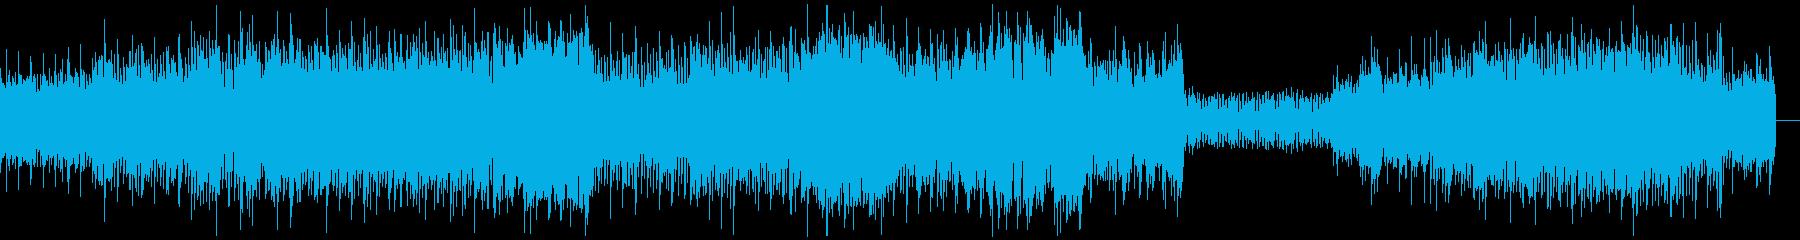 攻撃的なシンセ四つ打ちサウンドの再生済みの波形